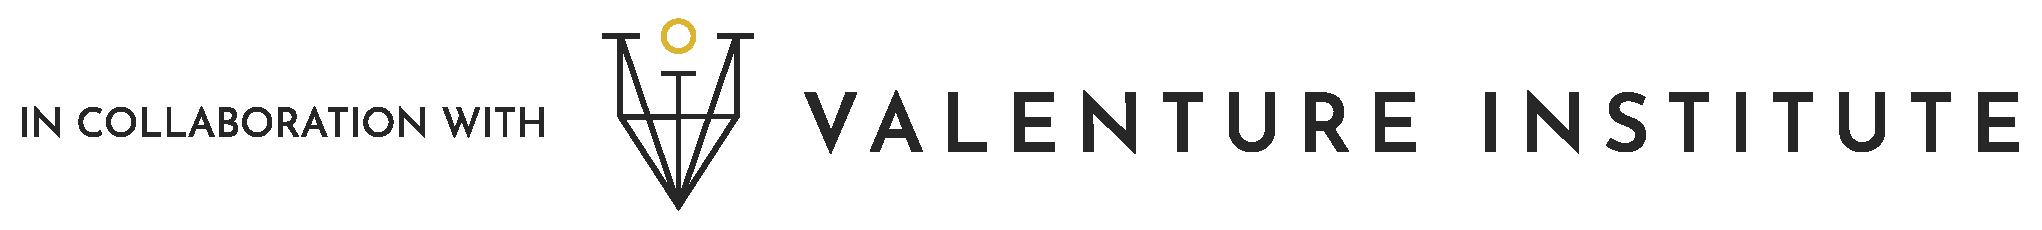 Valenture Institute logo